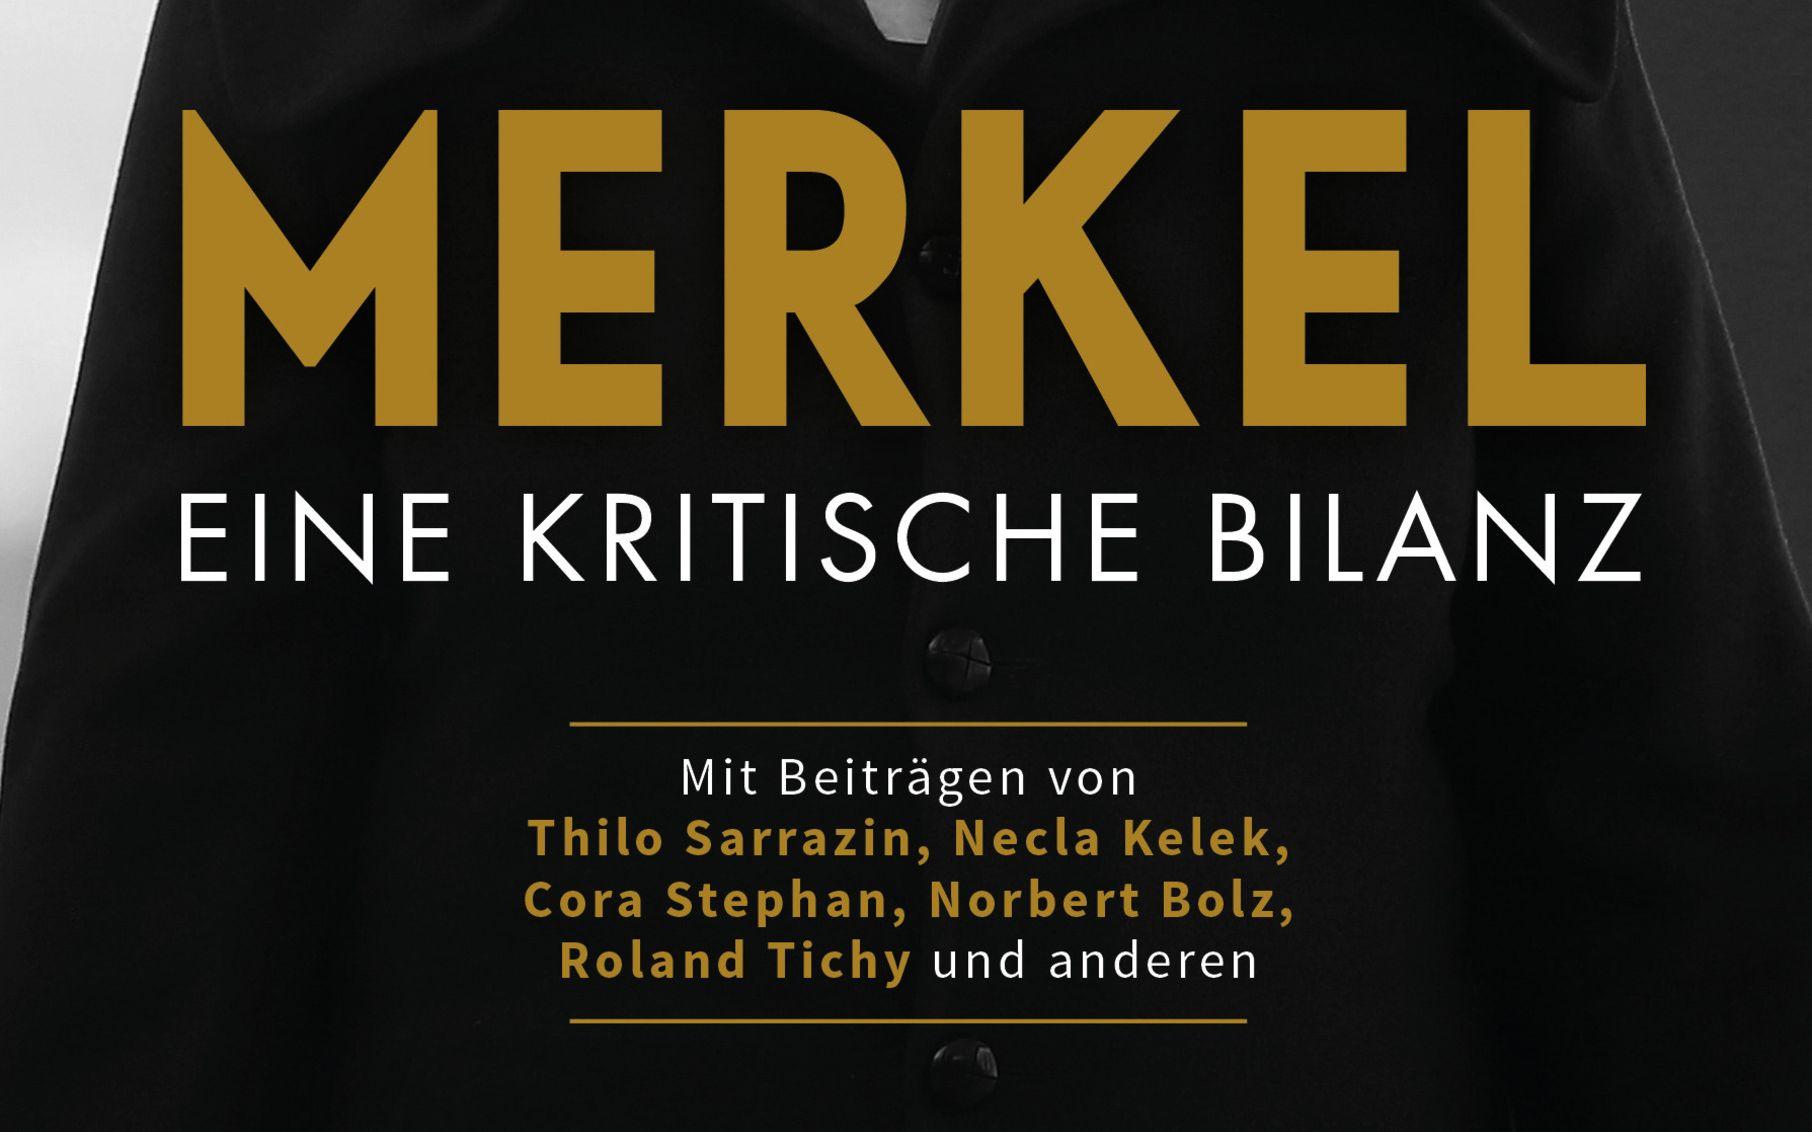 """Die kritische Bilanz der Regierung Merkel: """"Eine notwendige Zumutung für die Kanzlerin"""""""